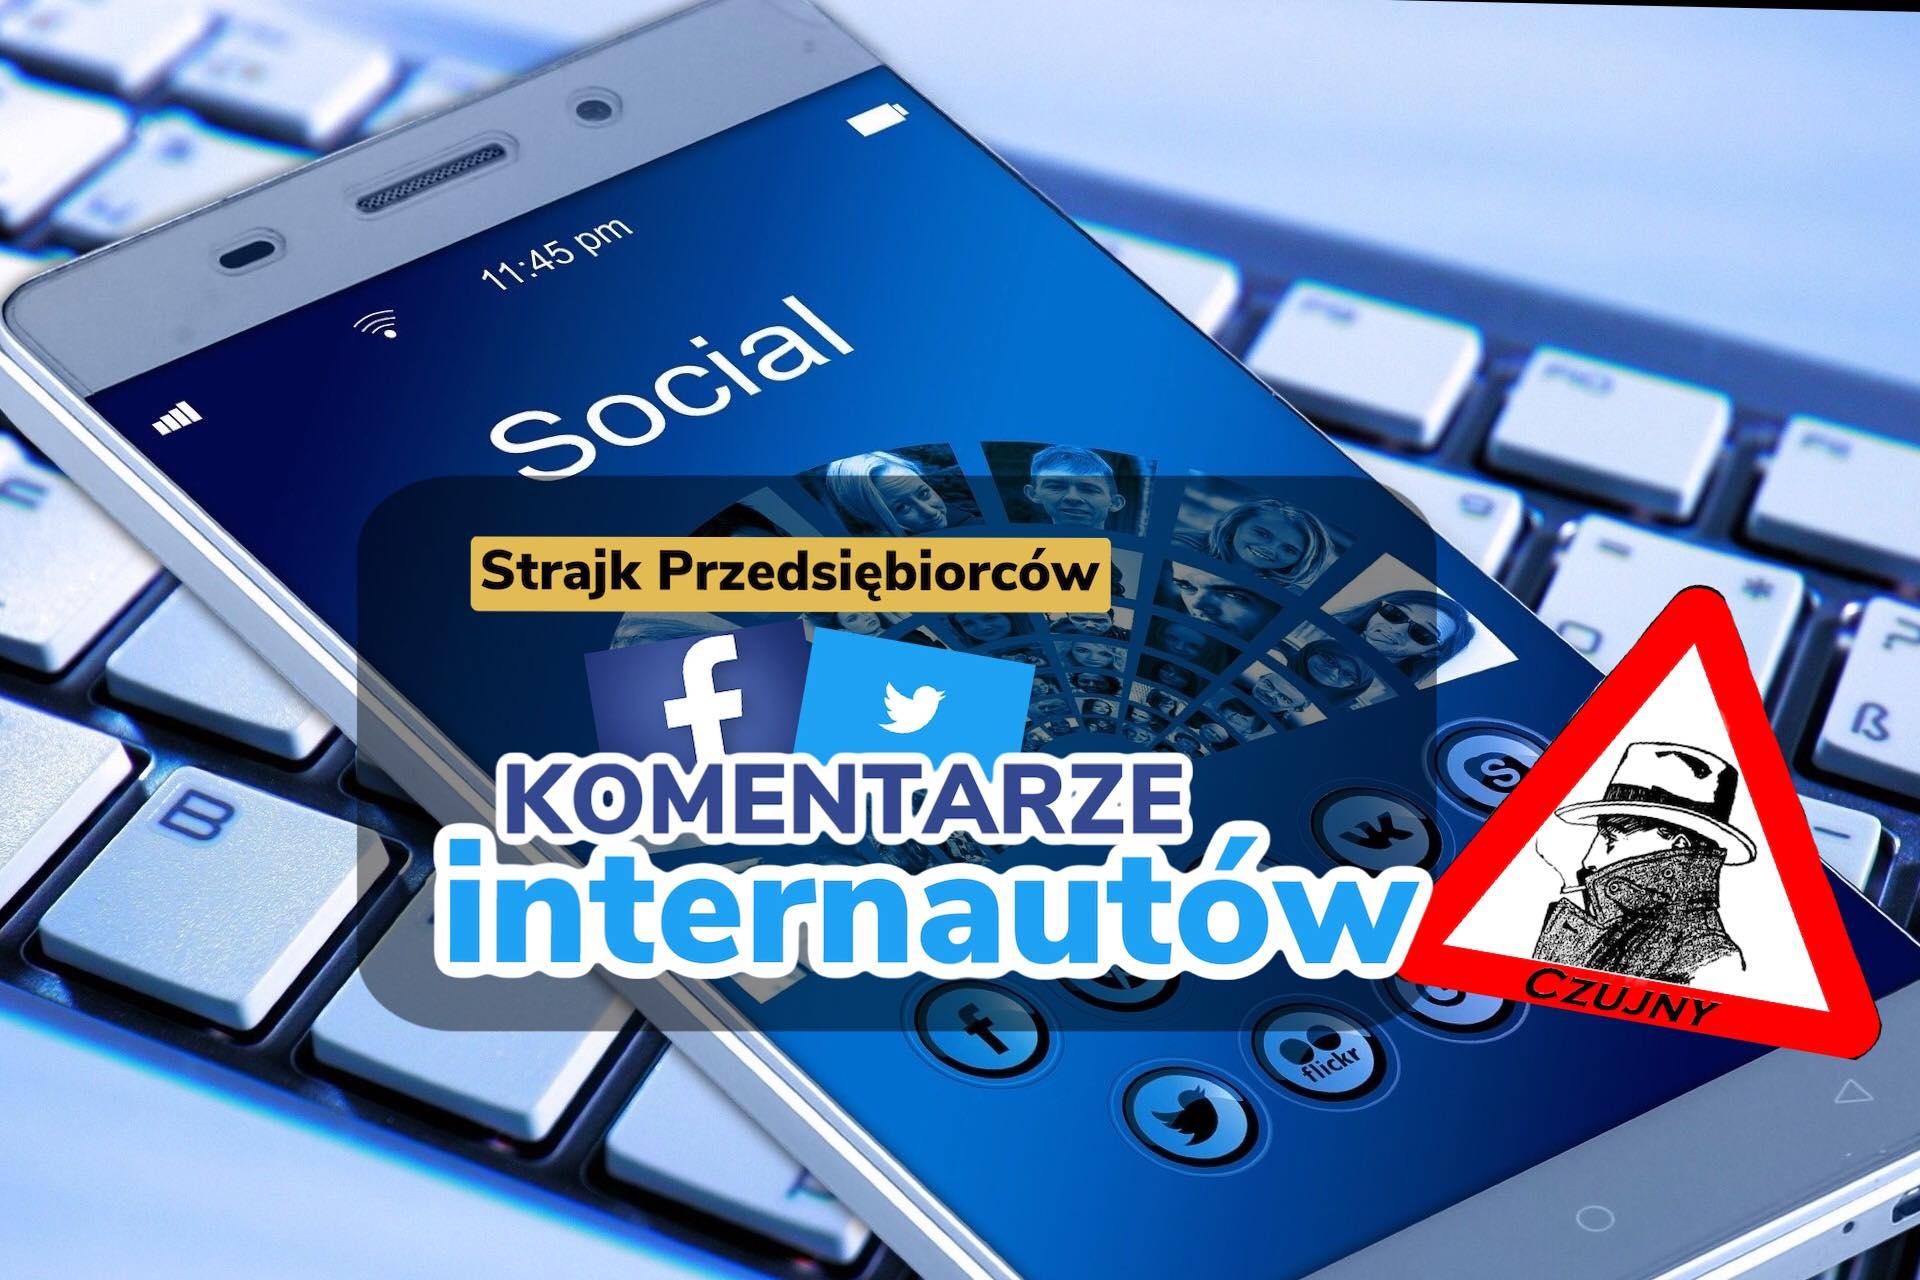 Echa w sieci po wczorajszych protestach w Warszawie.